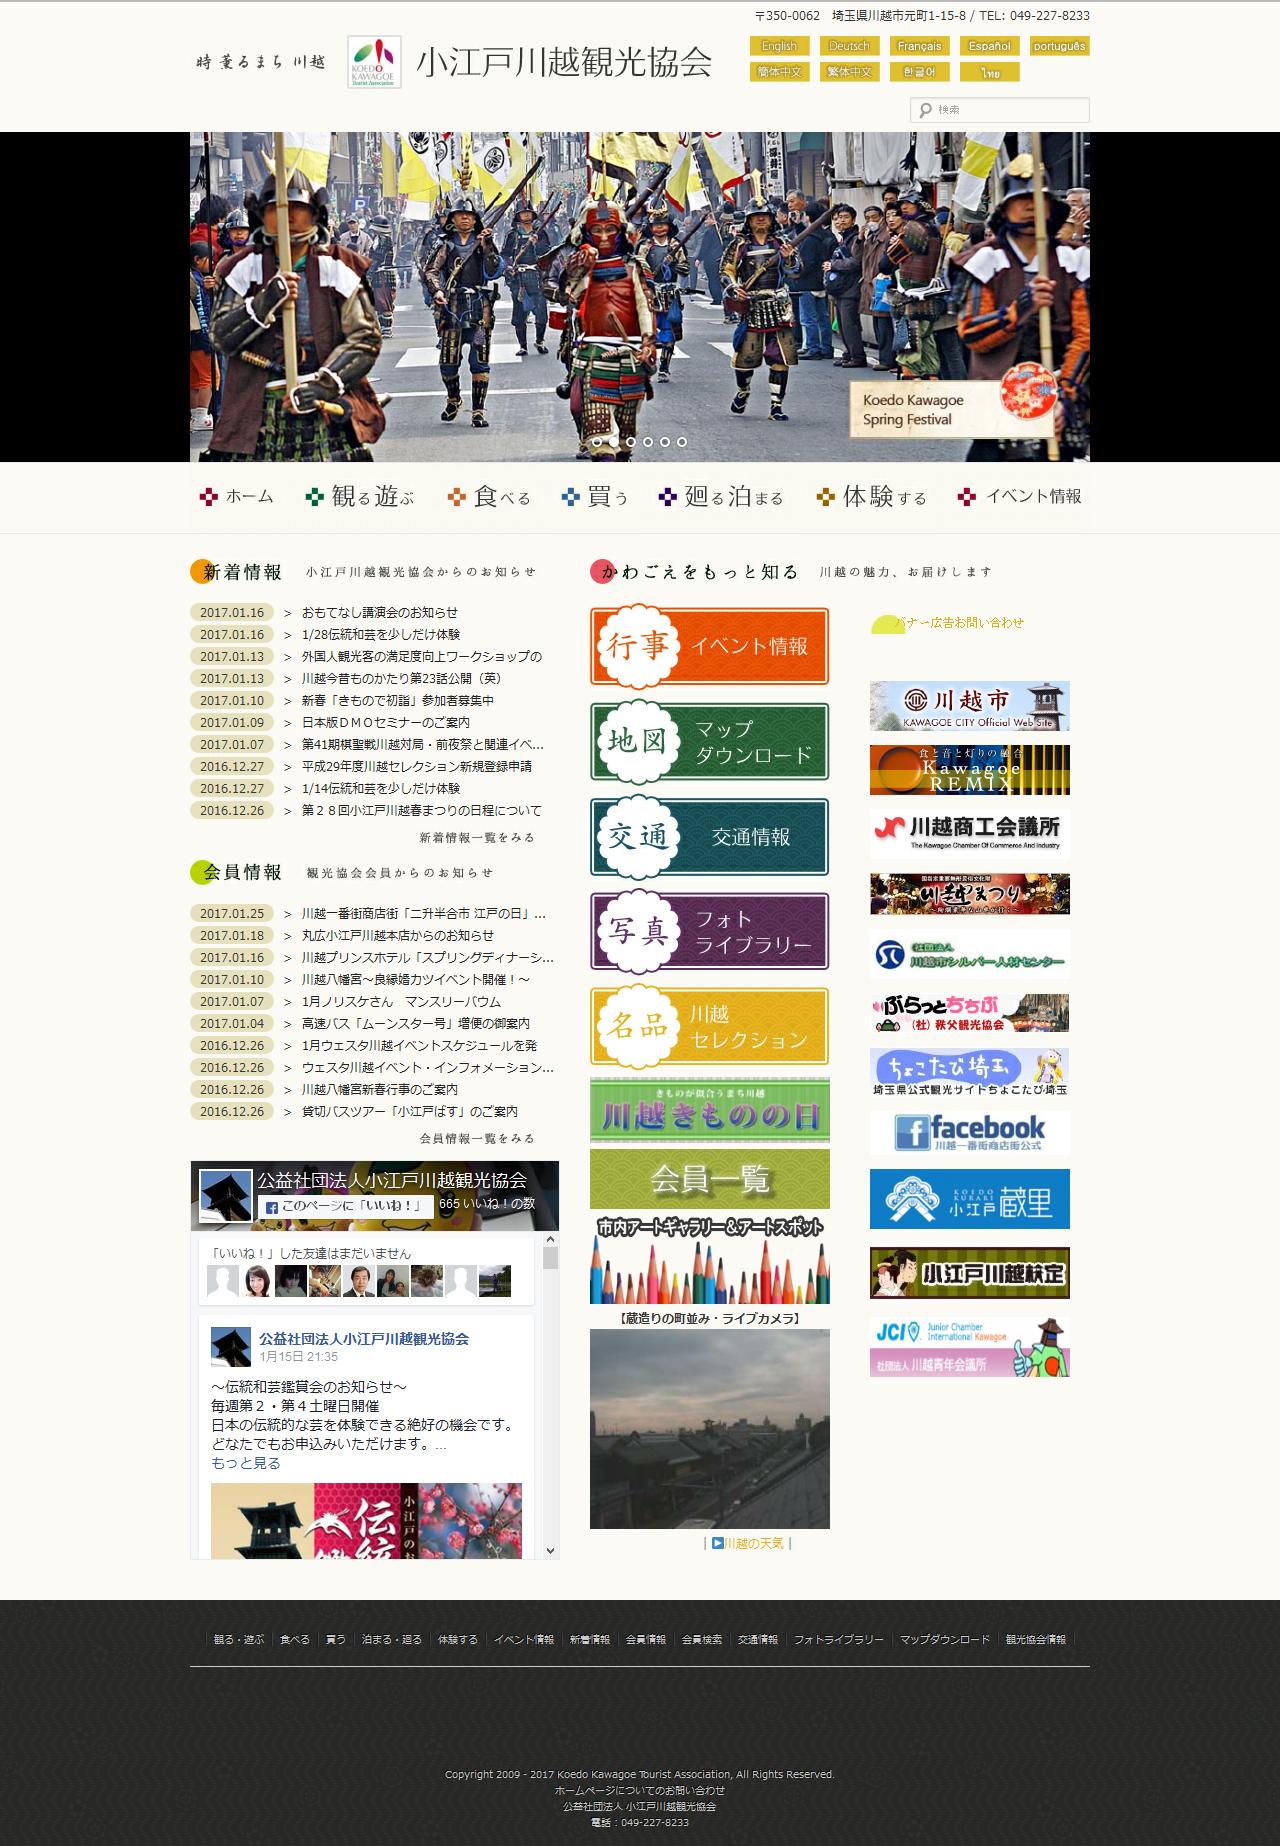 小江戸川越観光協会様公式ホームページ_PC表示